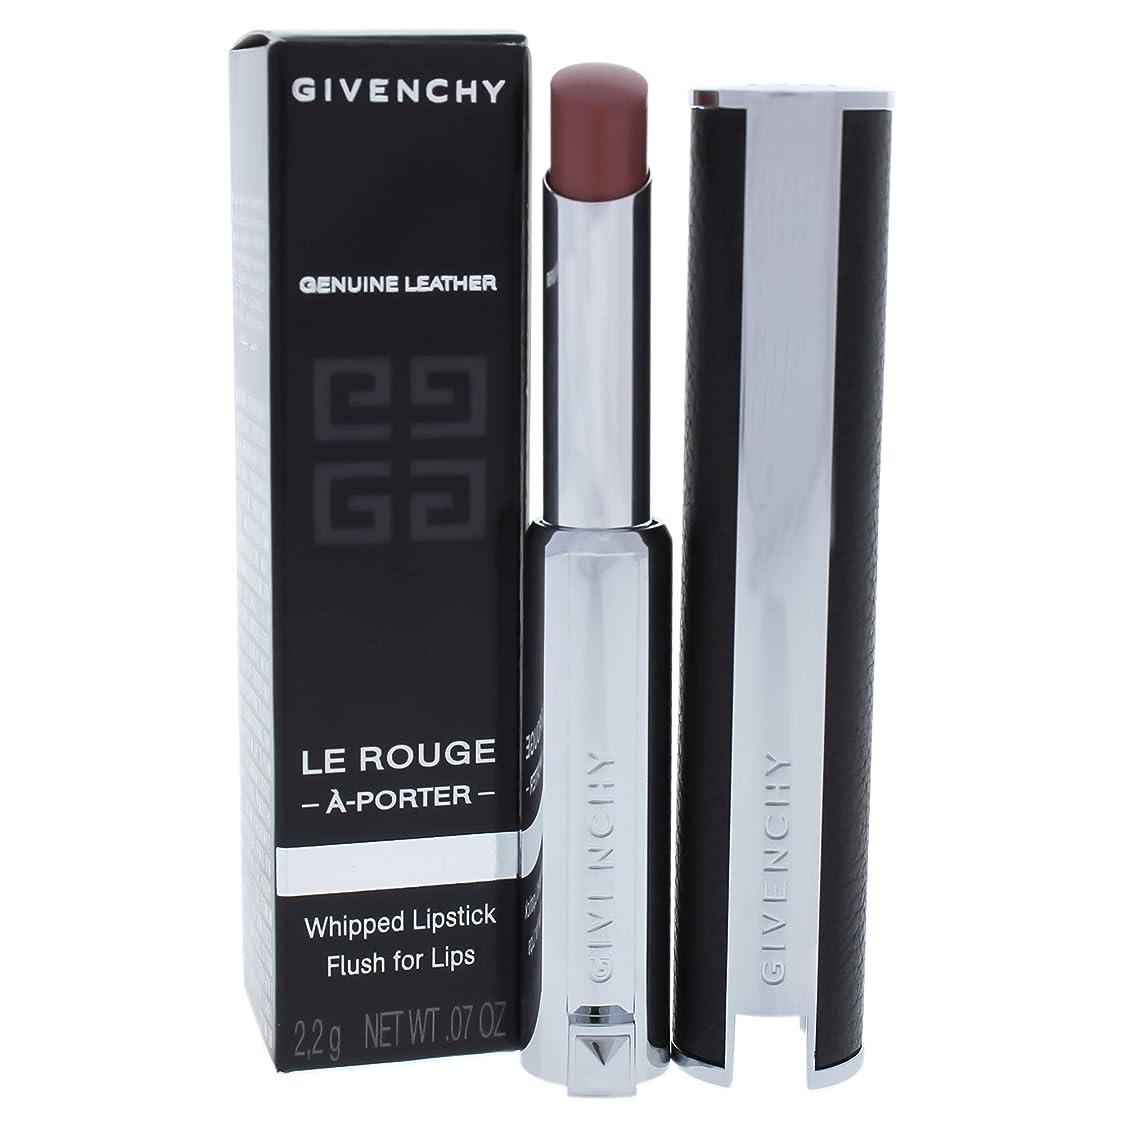 集まる何故なの物質ジバンシィ Le Rouge A Porter Whipped Lipstick - # 106 Parme Silhouette 2.2g/0.07oz並行輸入品